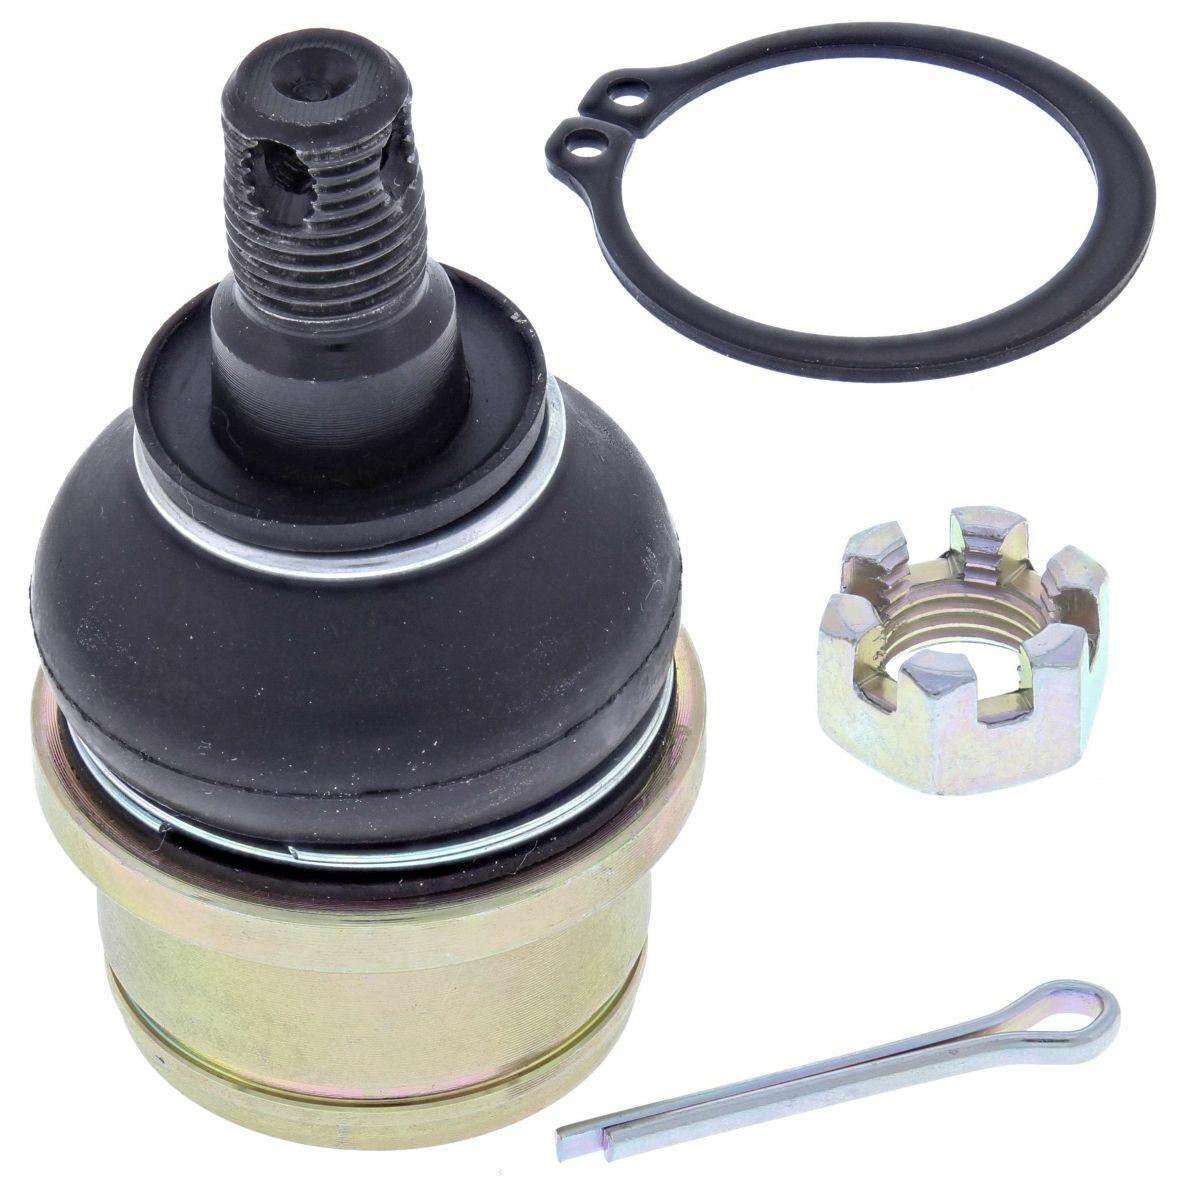 Obrázek produktu Kulový kloub svislého čepu All Balls Racing Dolní, horní